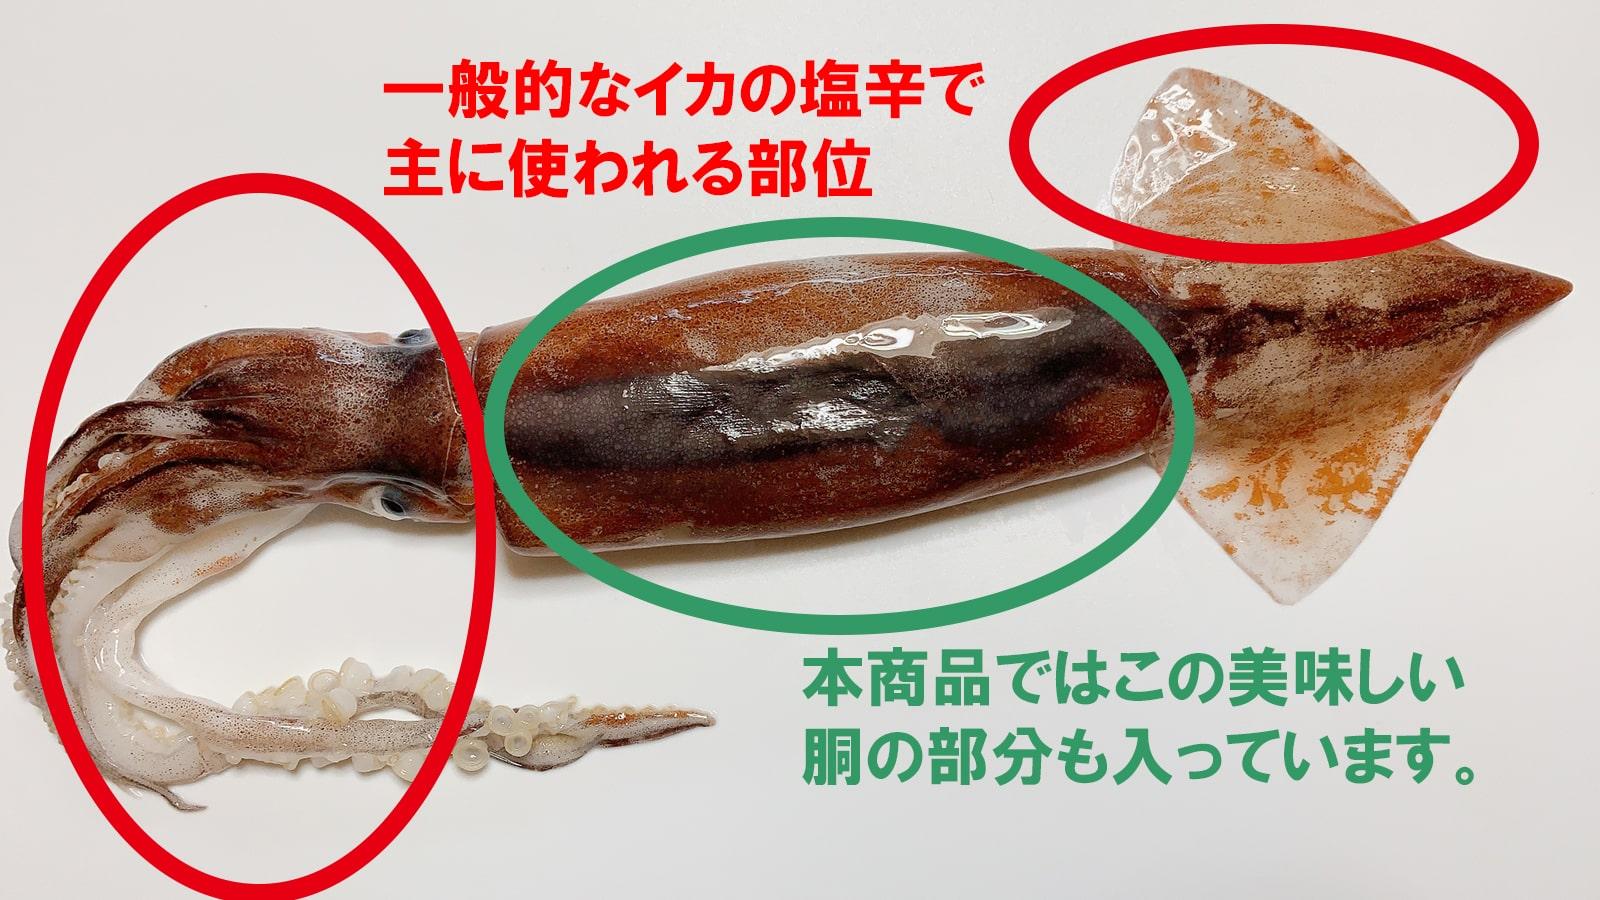 塩辛で使われている部位の違い